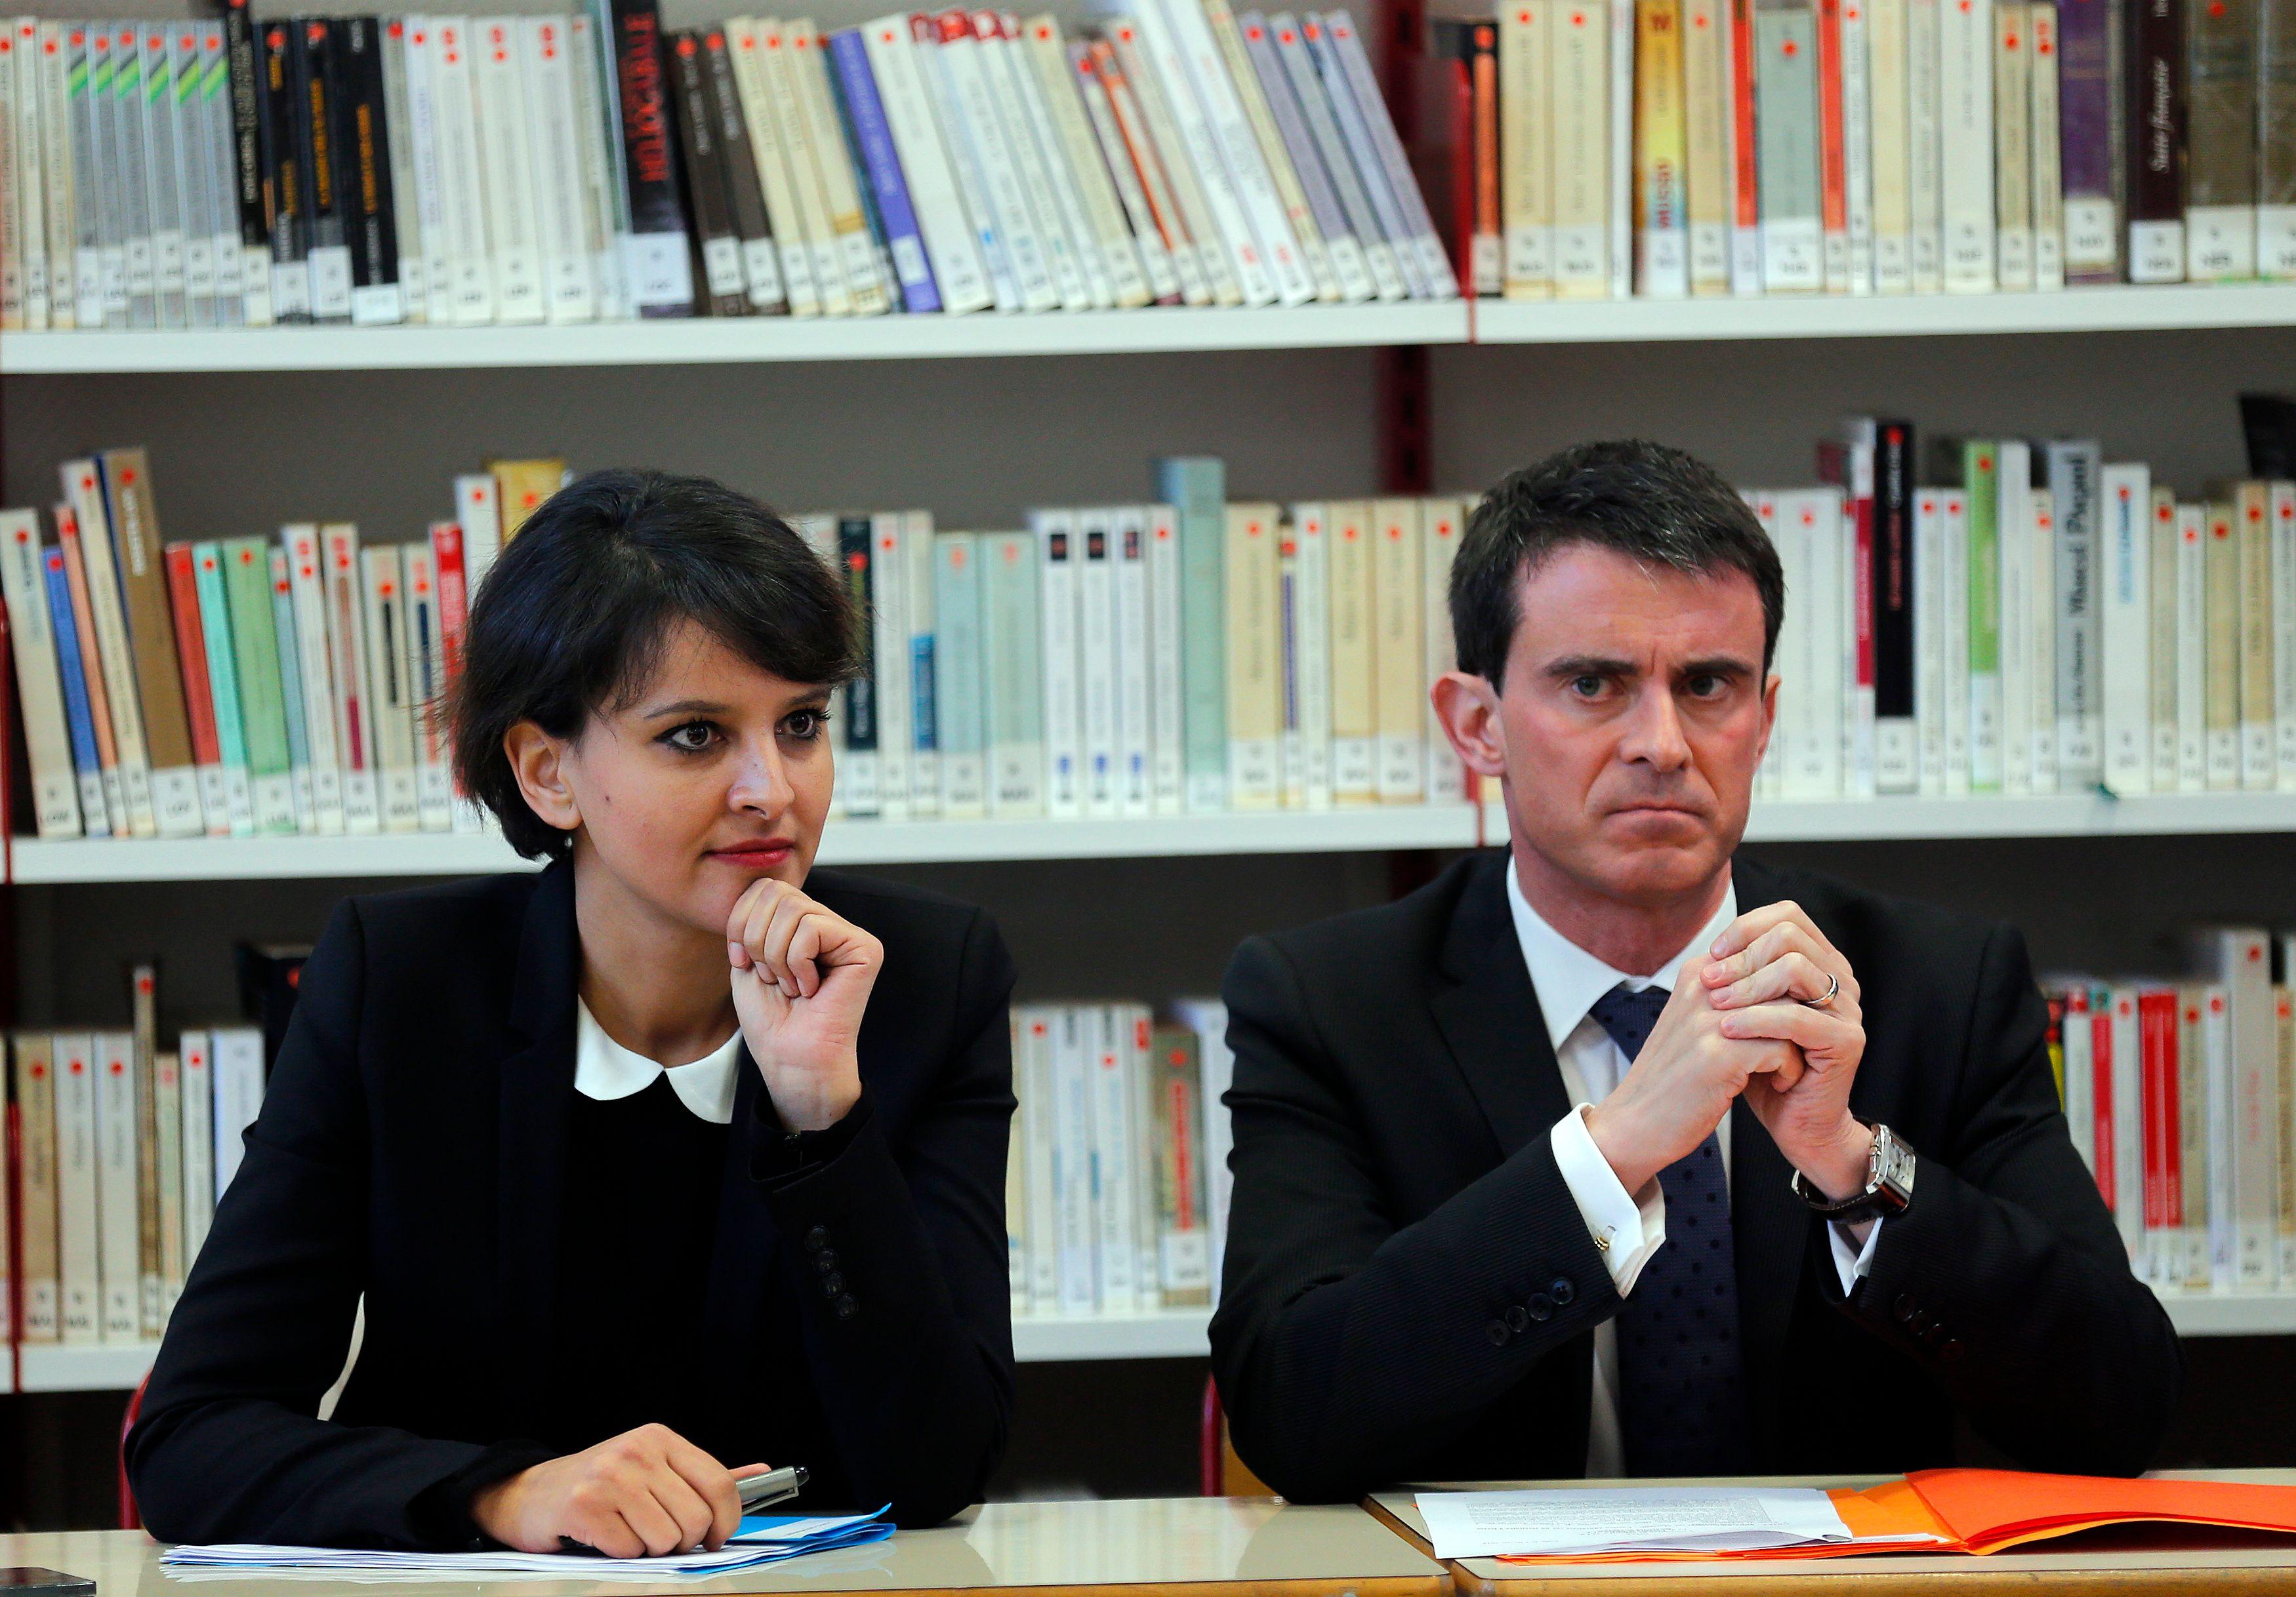 Comme promis, Manuel Valls se déplace à Marseille avec la moitié de son gouvernement sous le bras